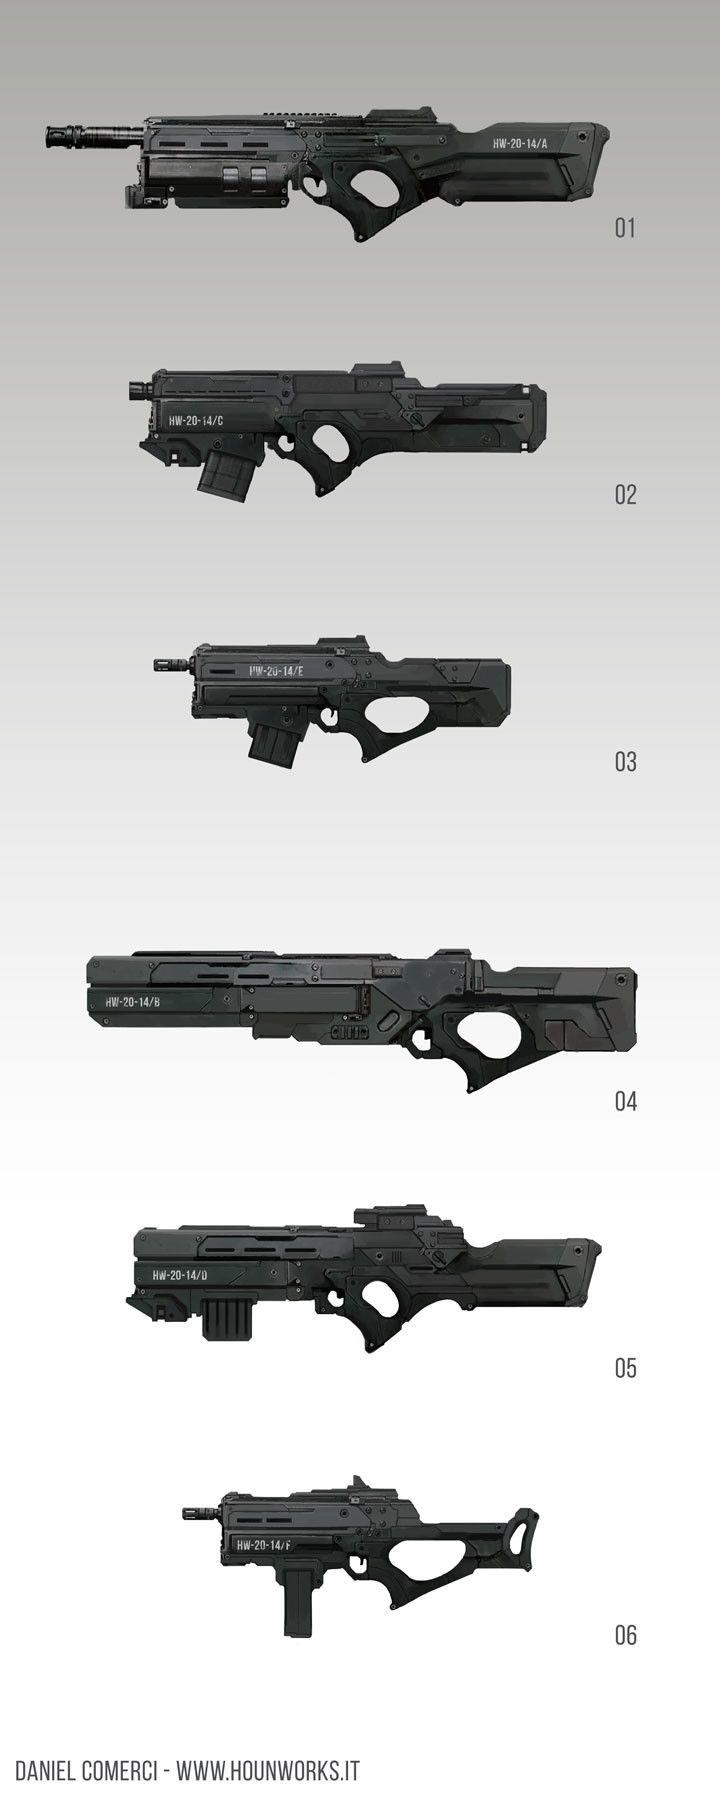 Armement Standard De La Securite Navale Munition De Type Pro Vide Tete Creuse Pour Ne Pas Percer Les Armes De Science Fiction Armes Militaires Mitraillette